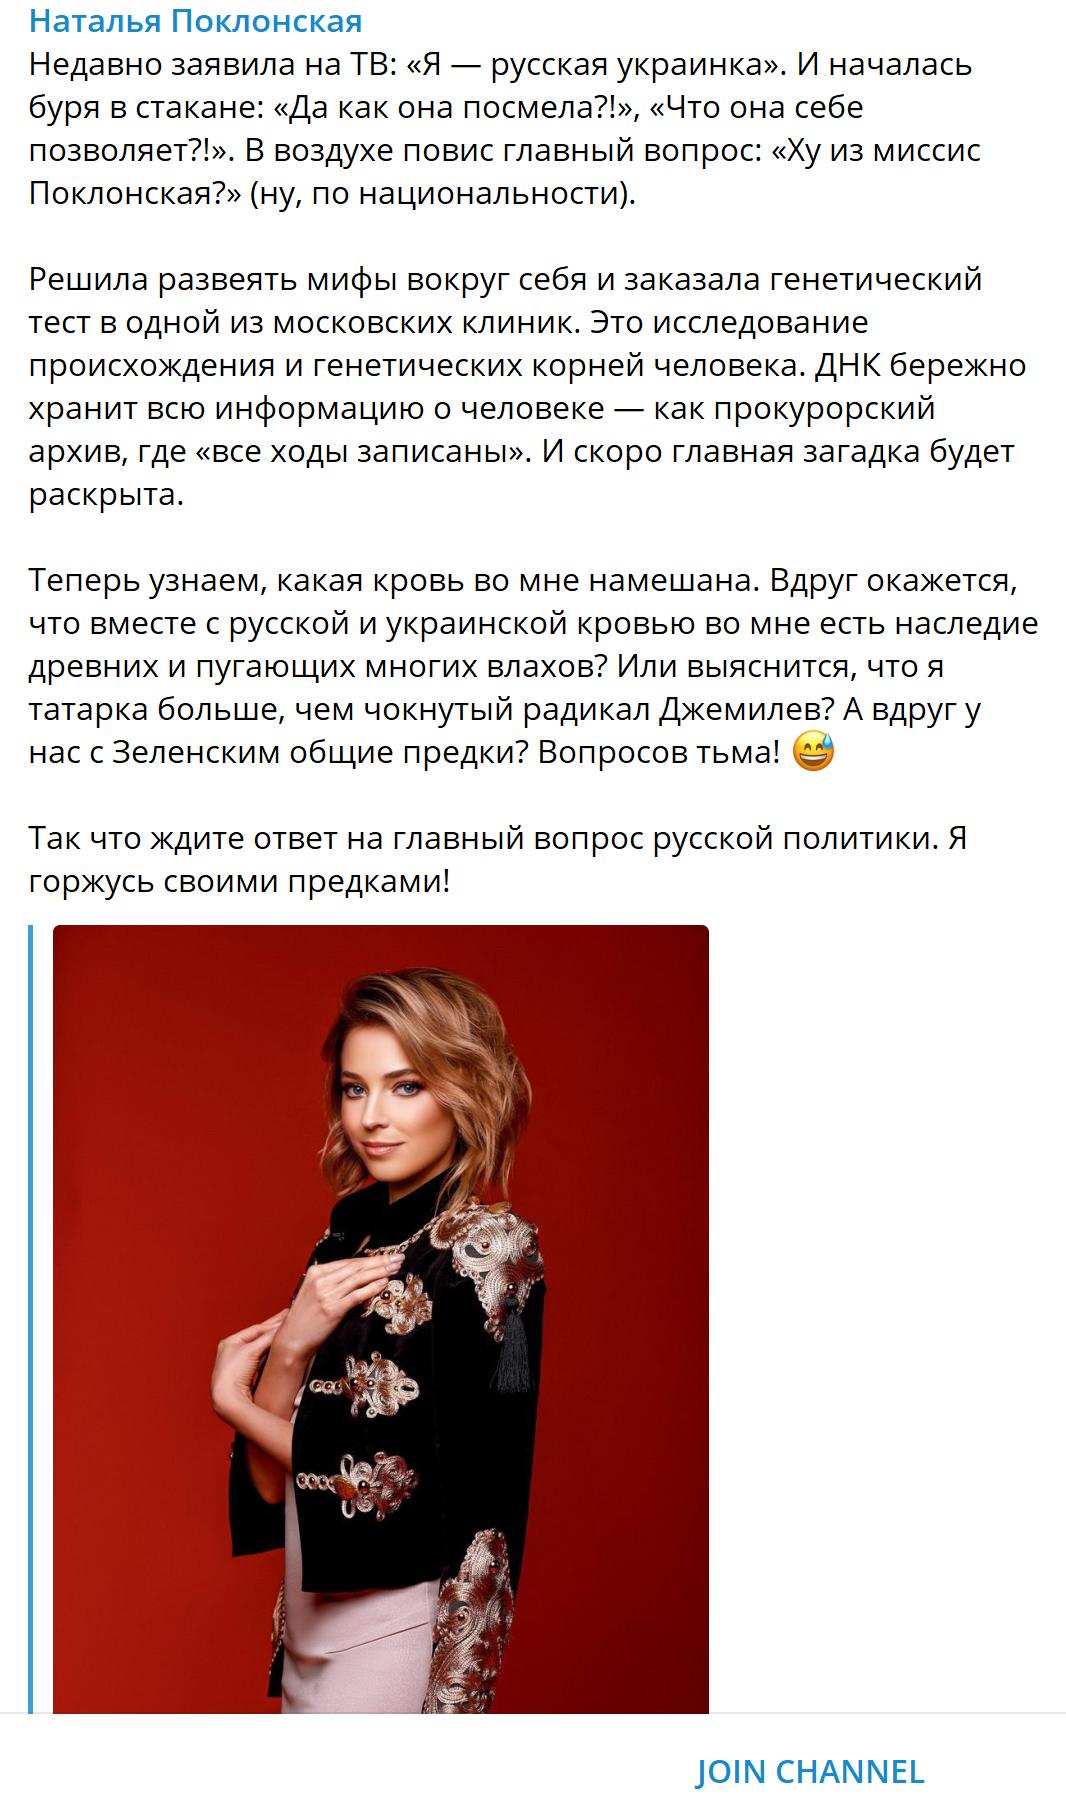 Скандальна Наталя Поклонська вирішила здати тест ДНК, щоб дізнатися чи не родичка вона Зеленському